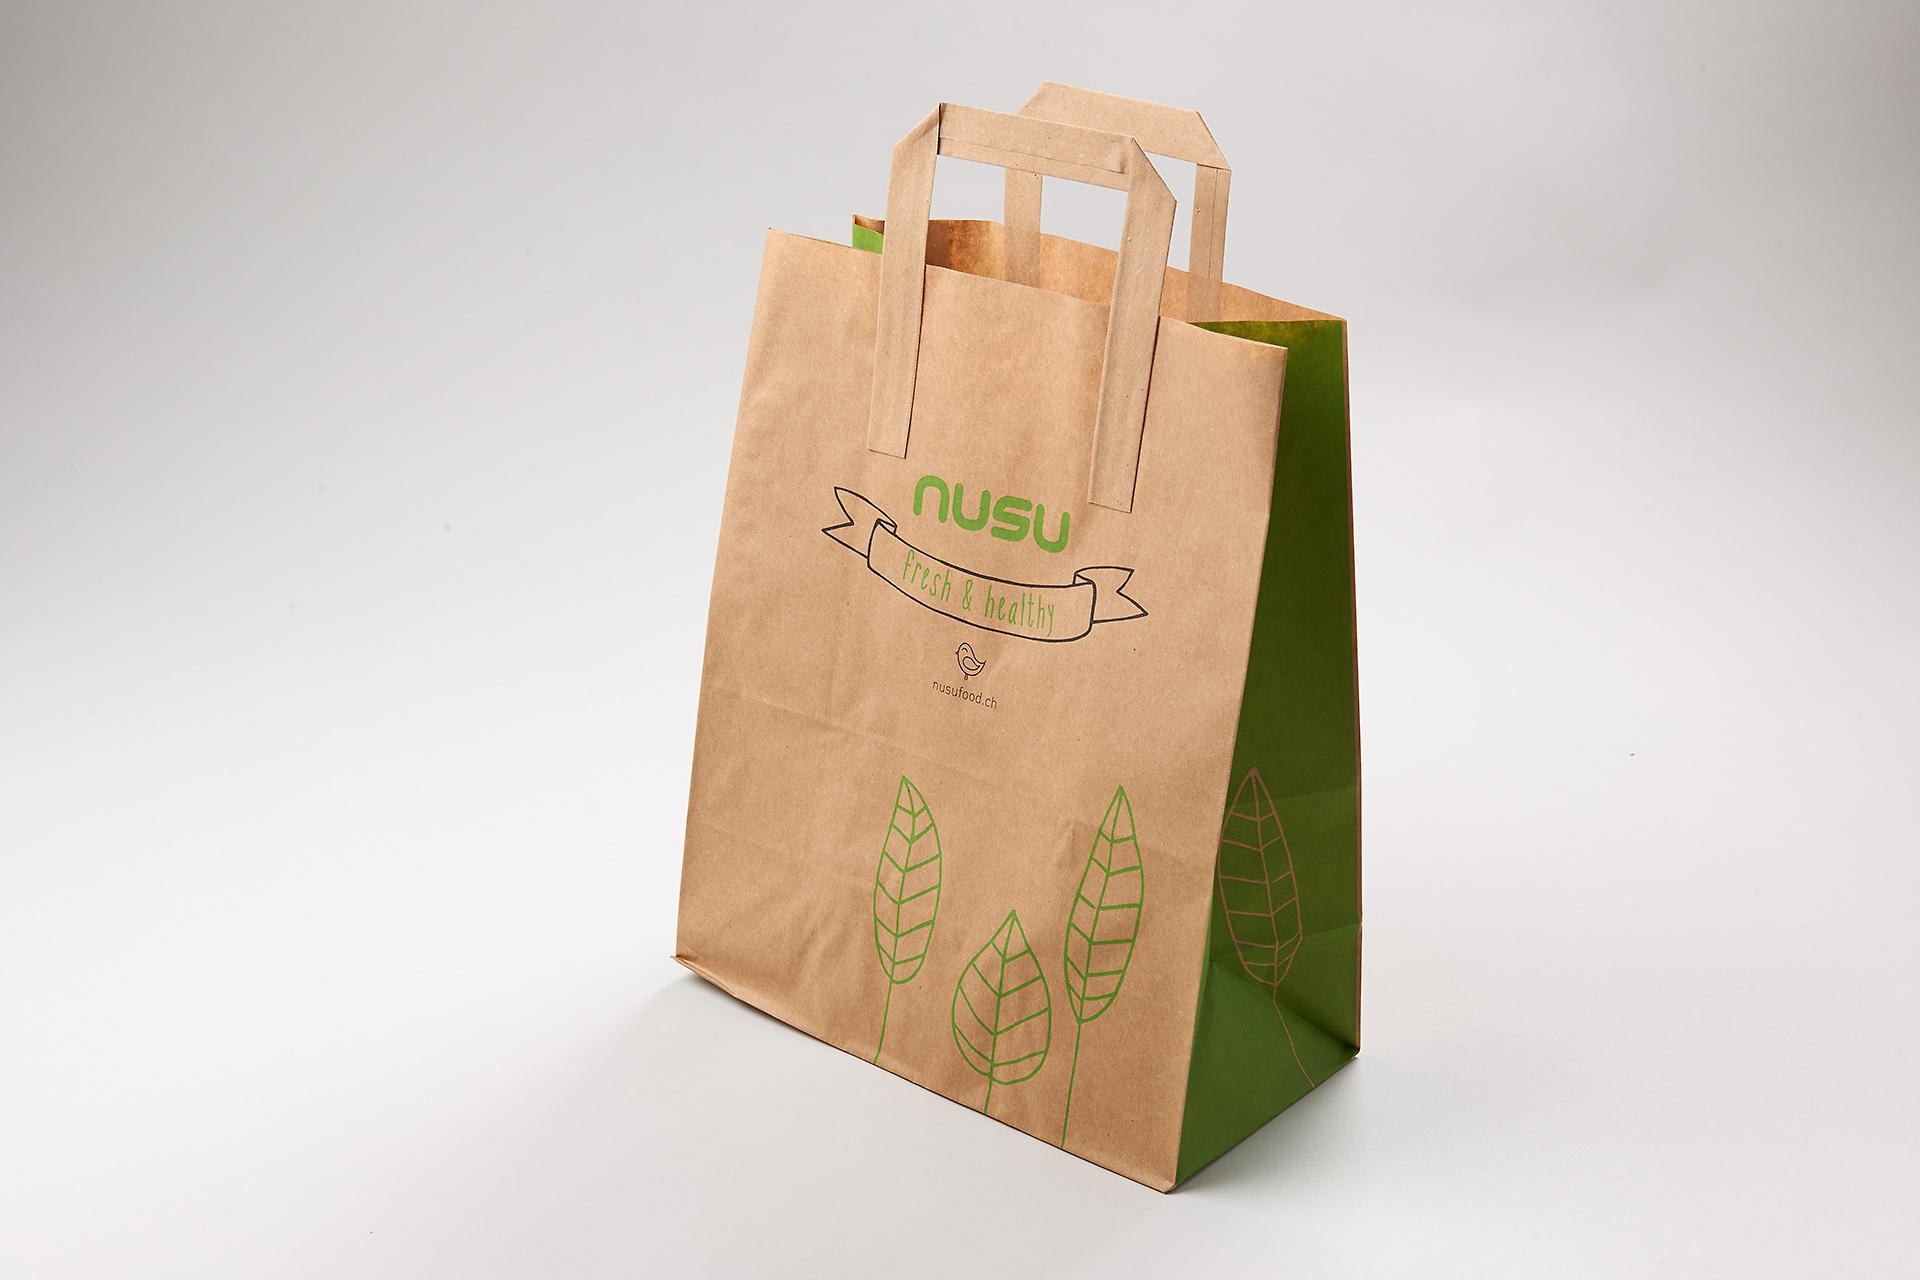 toloom-arbeiten-nusu-13-papiertasche.jpg